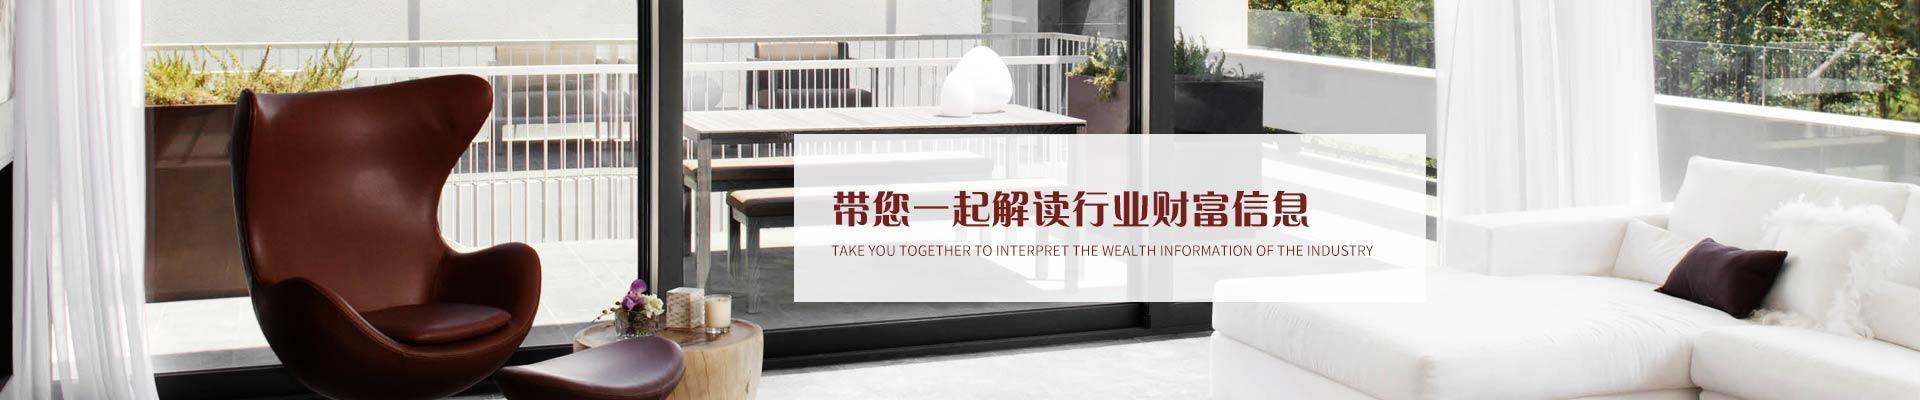 爱唯门窗-带您一起解读行业财富信息